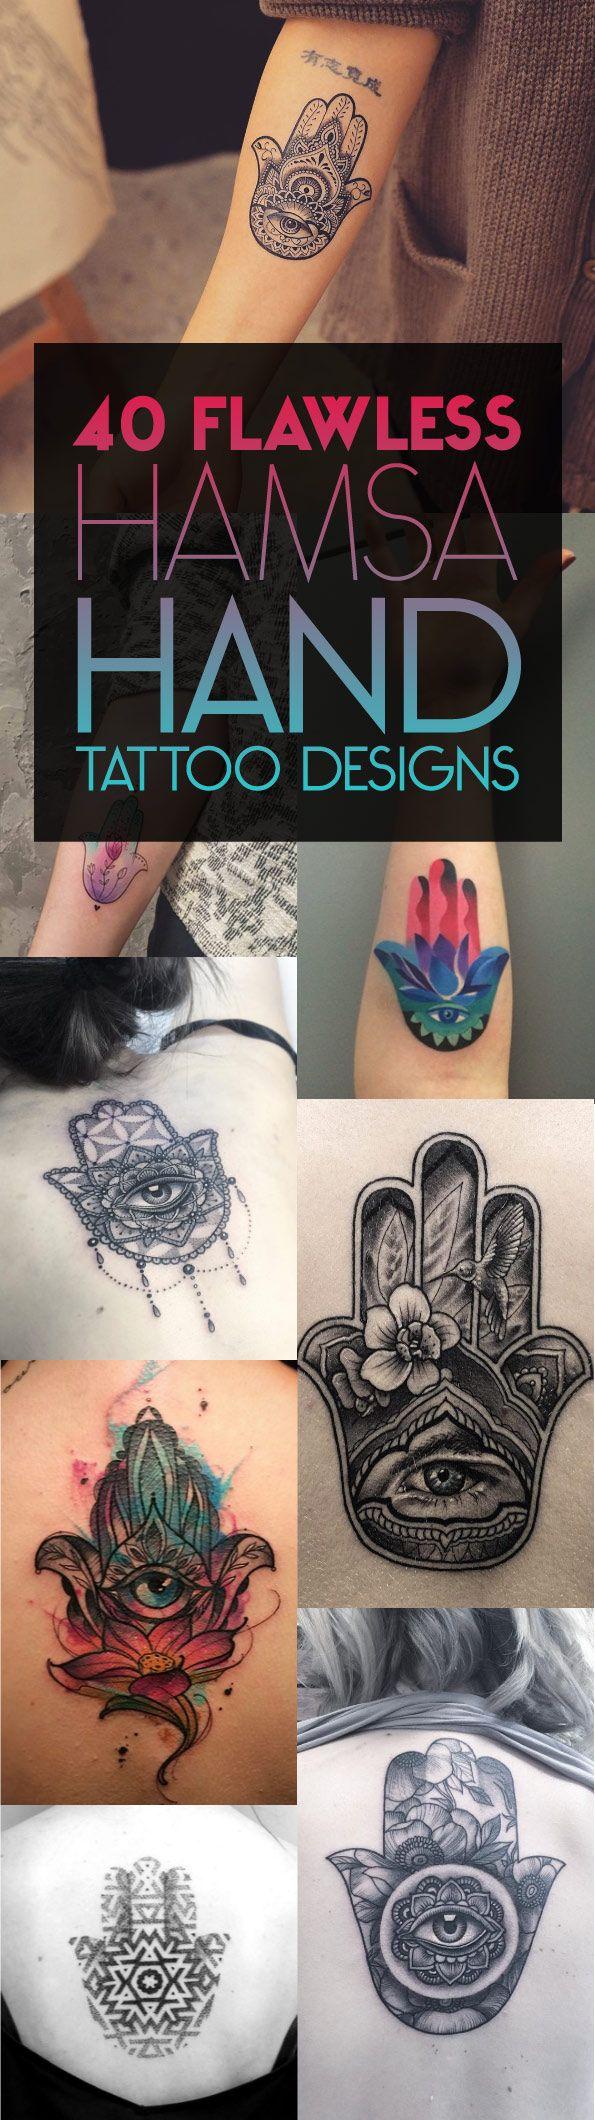 40 Flawless Hamsa Hand Tattoo Designs   TattooBlend